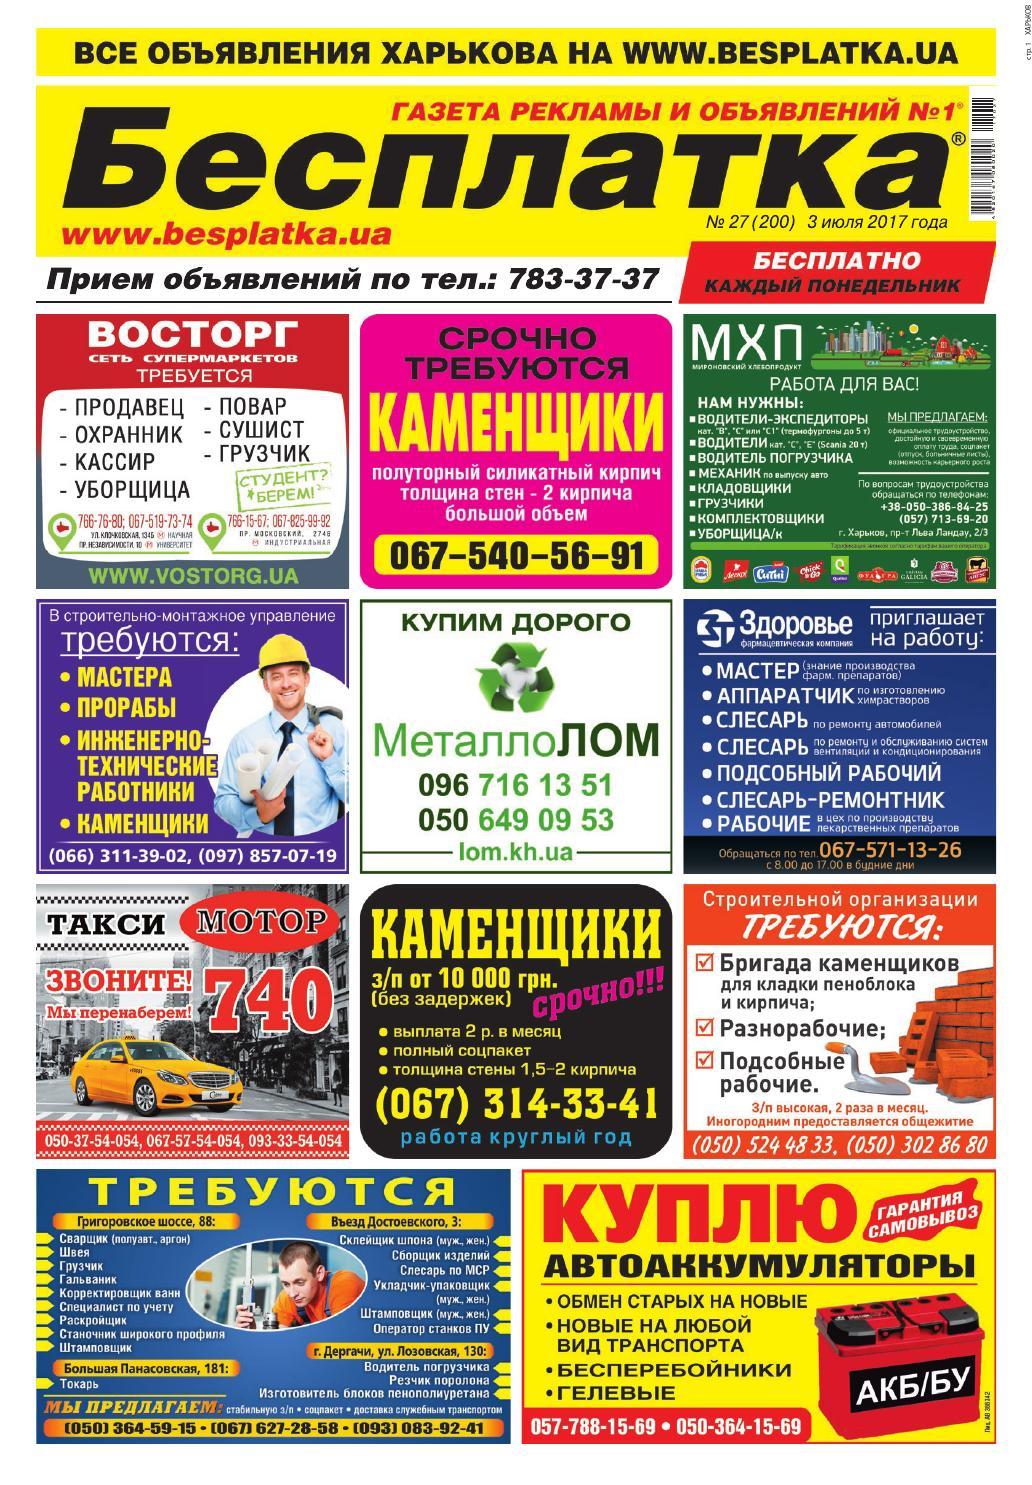 30cb789f7 Besplatka #27 Харьков by besplatka ukraine - issuu